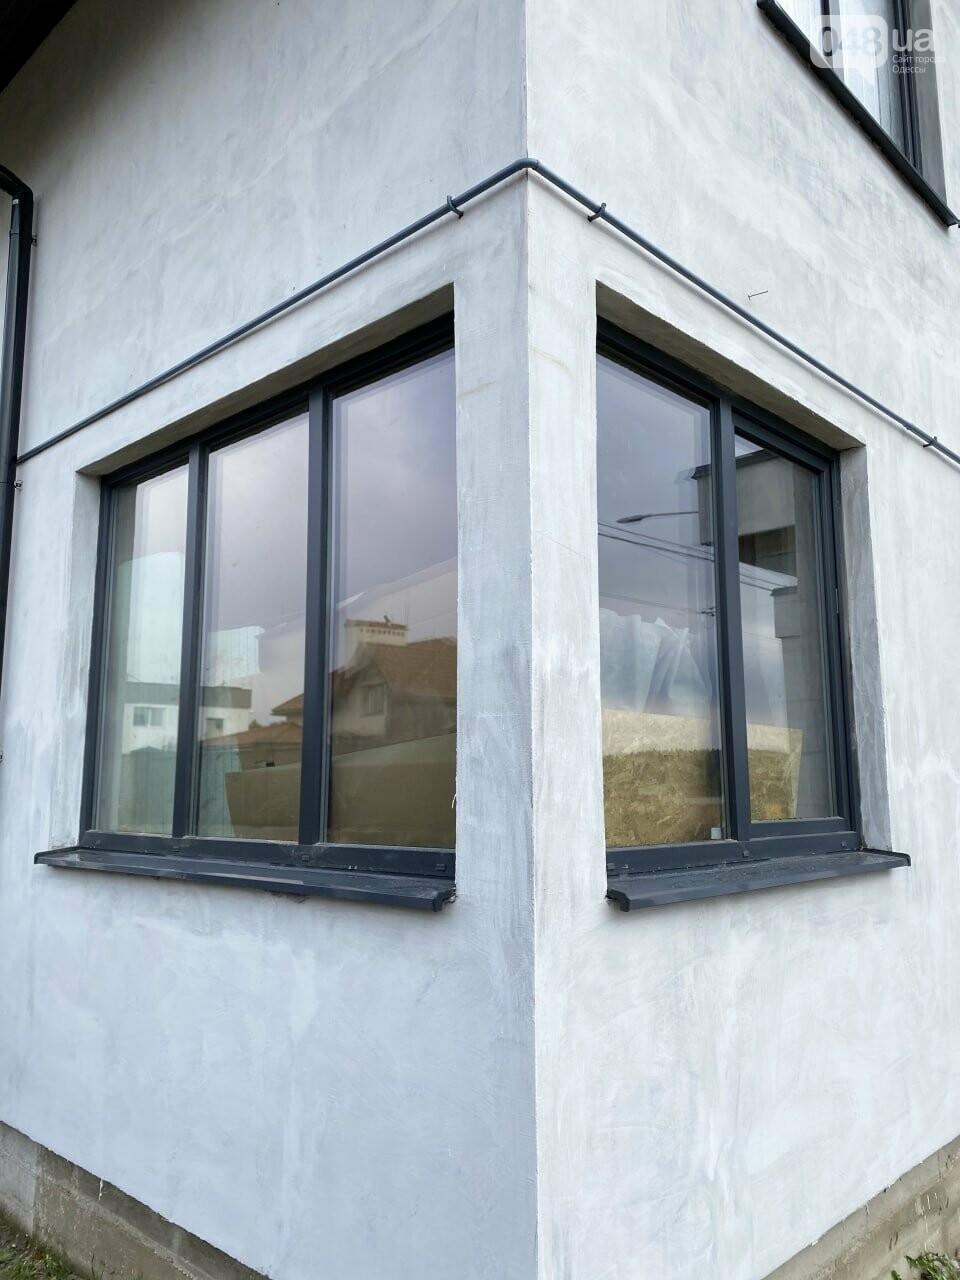 Правильный выбор металлопластиковых окон и дверей., фото-8